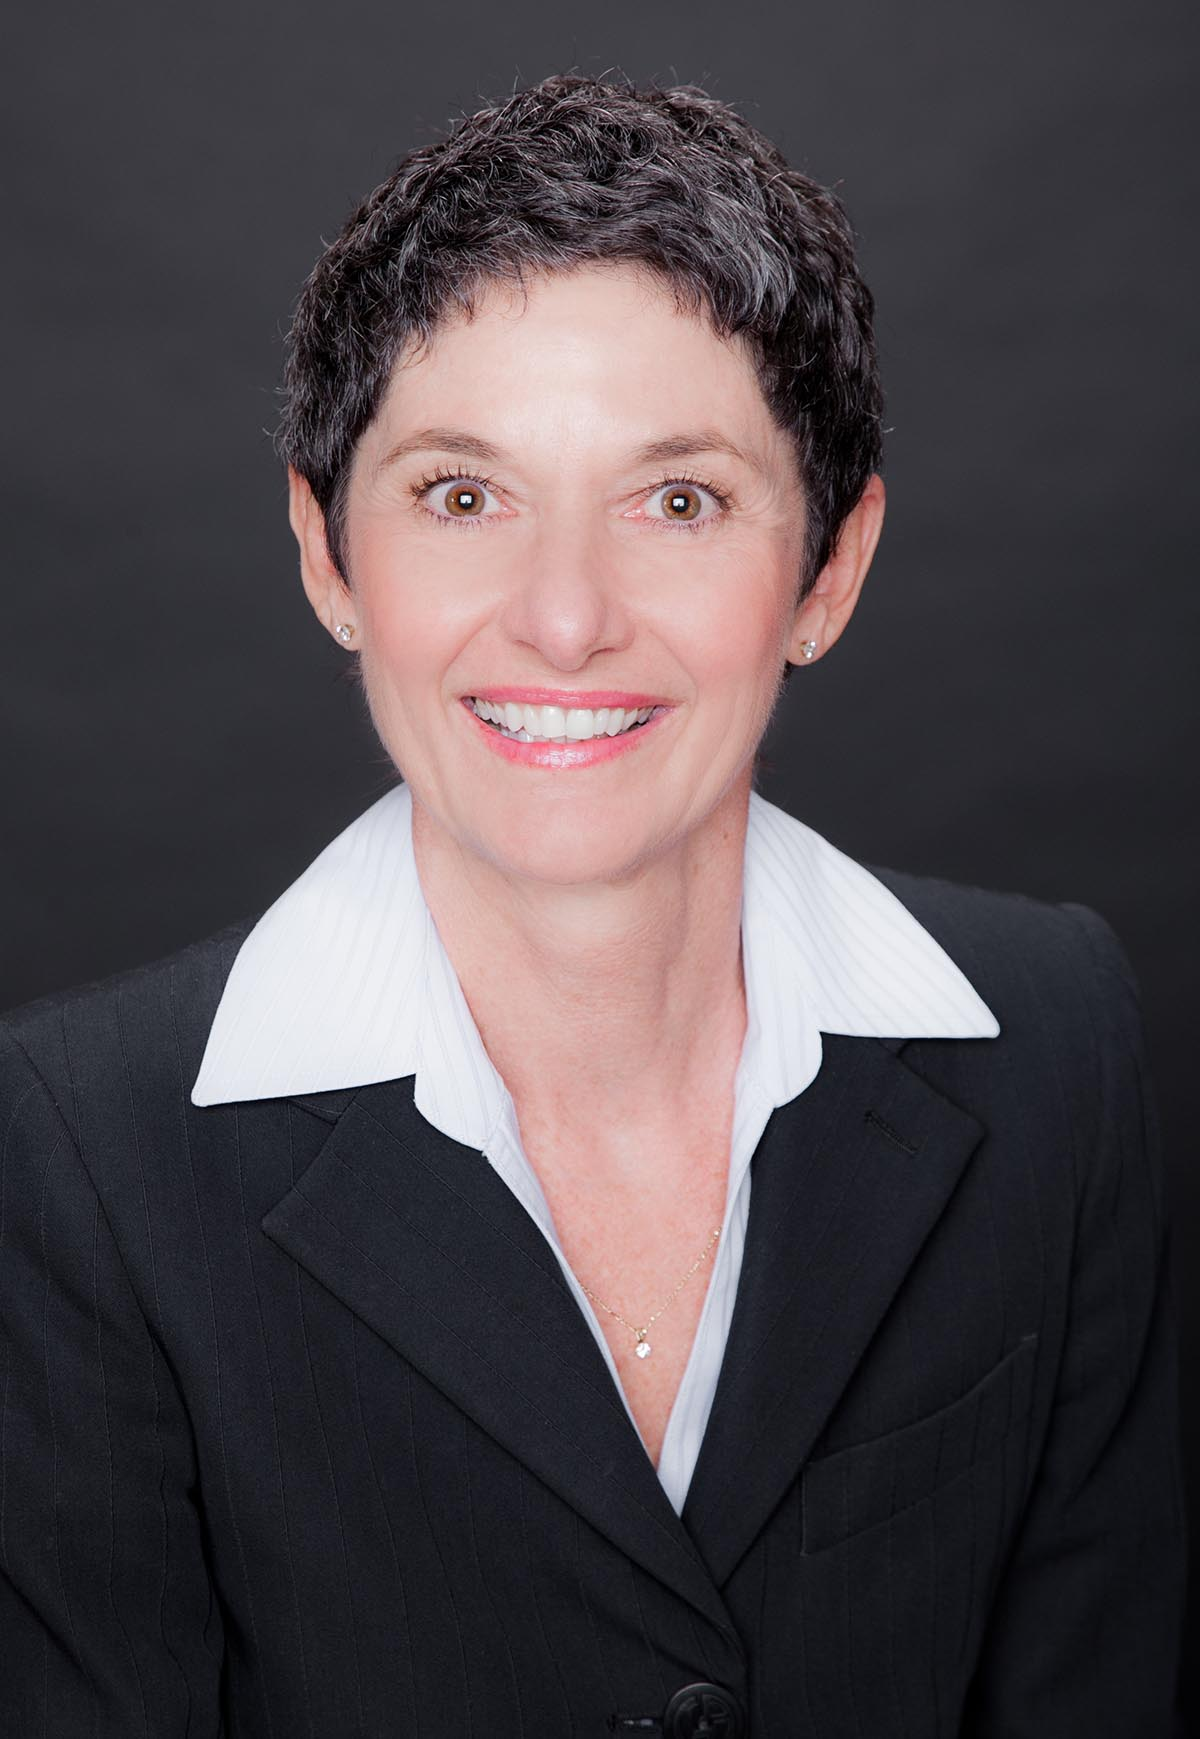 Annette Braun Grooms